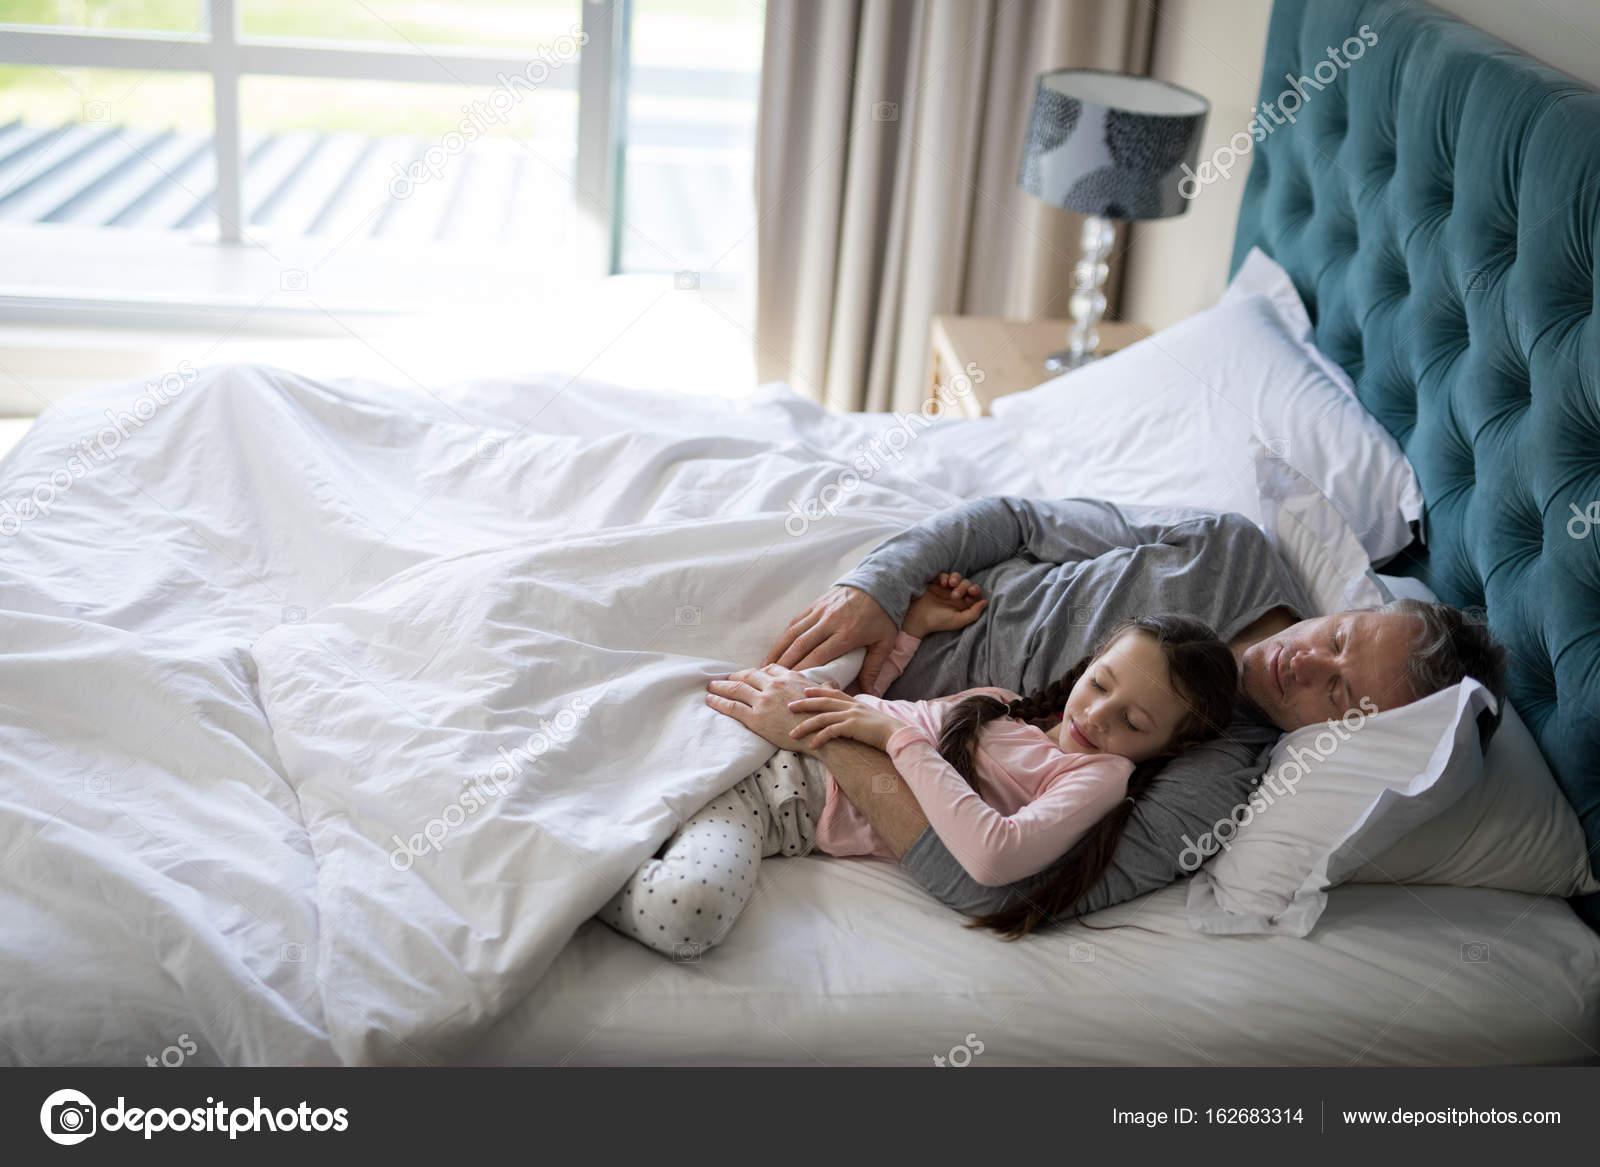 Секс пьяной дочки с отцом, Отец и дочь, отец ебет дочь - Смотреть порно видео 20 фотография